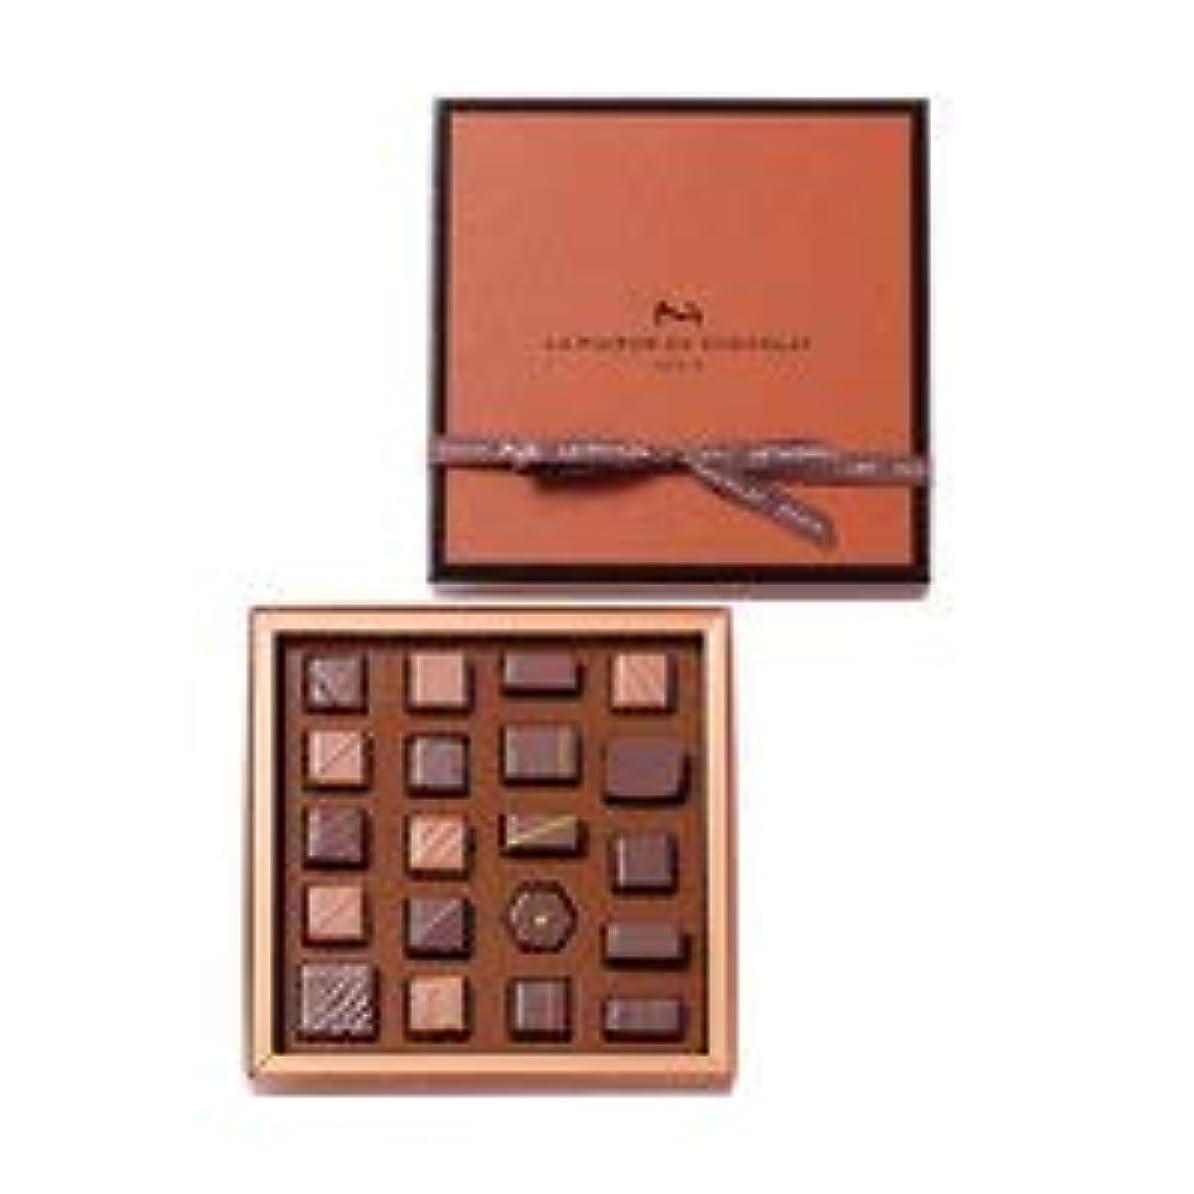 ブラザーシーボード大臣メゾンデュショコラ LA MAISON DU CHOCOLAT イニシアッション 20粒入 チョコレート ホワイトデー ギフト